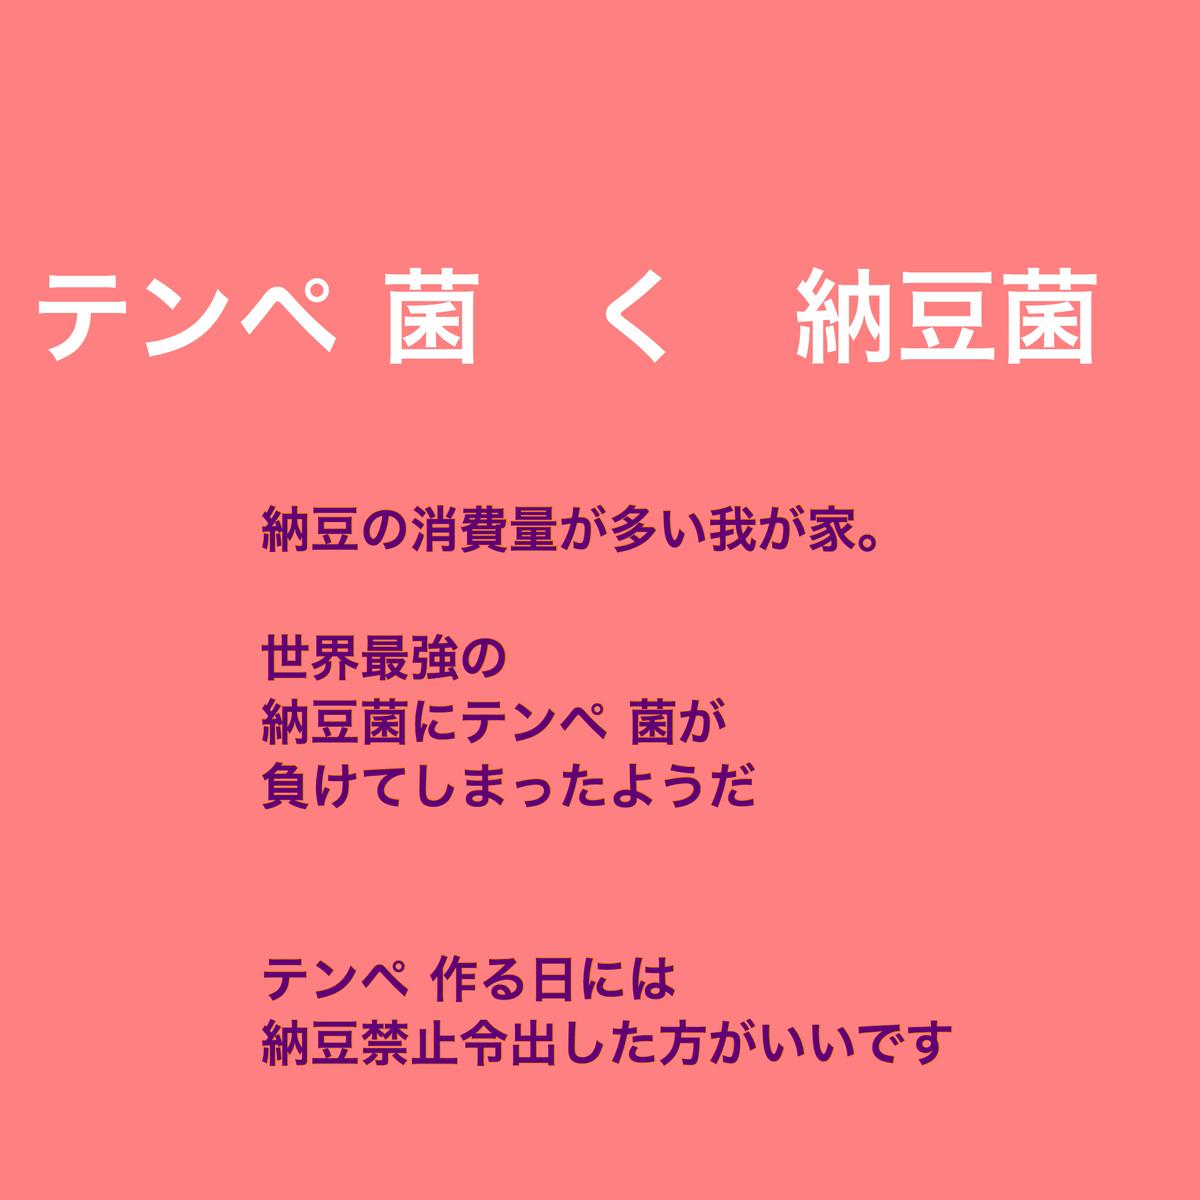 f:id:yasukosakaguchi:20200801135118j:plain